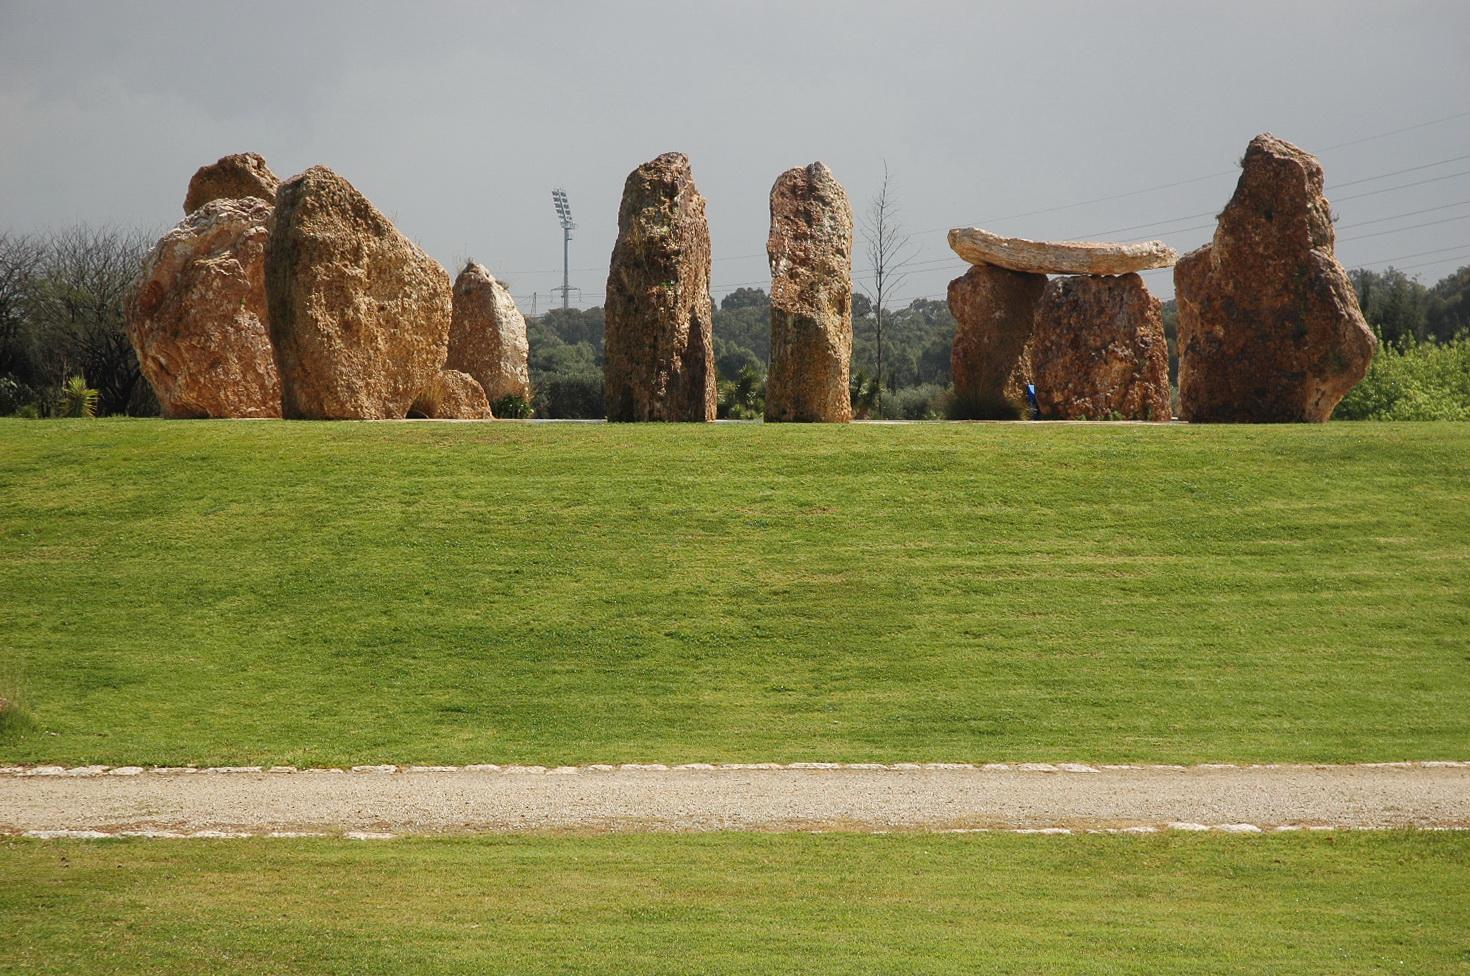 גני הירקון - גן הסלעים